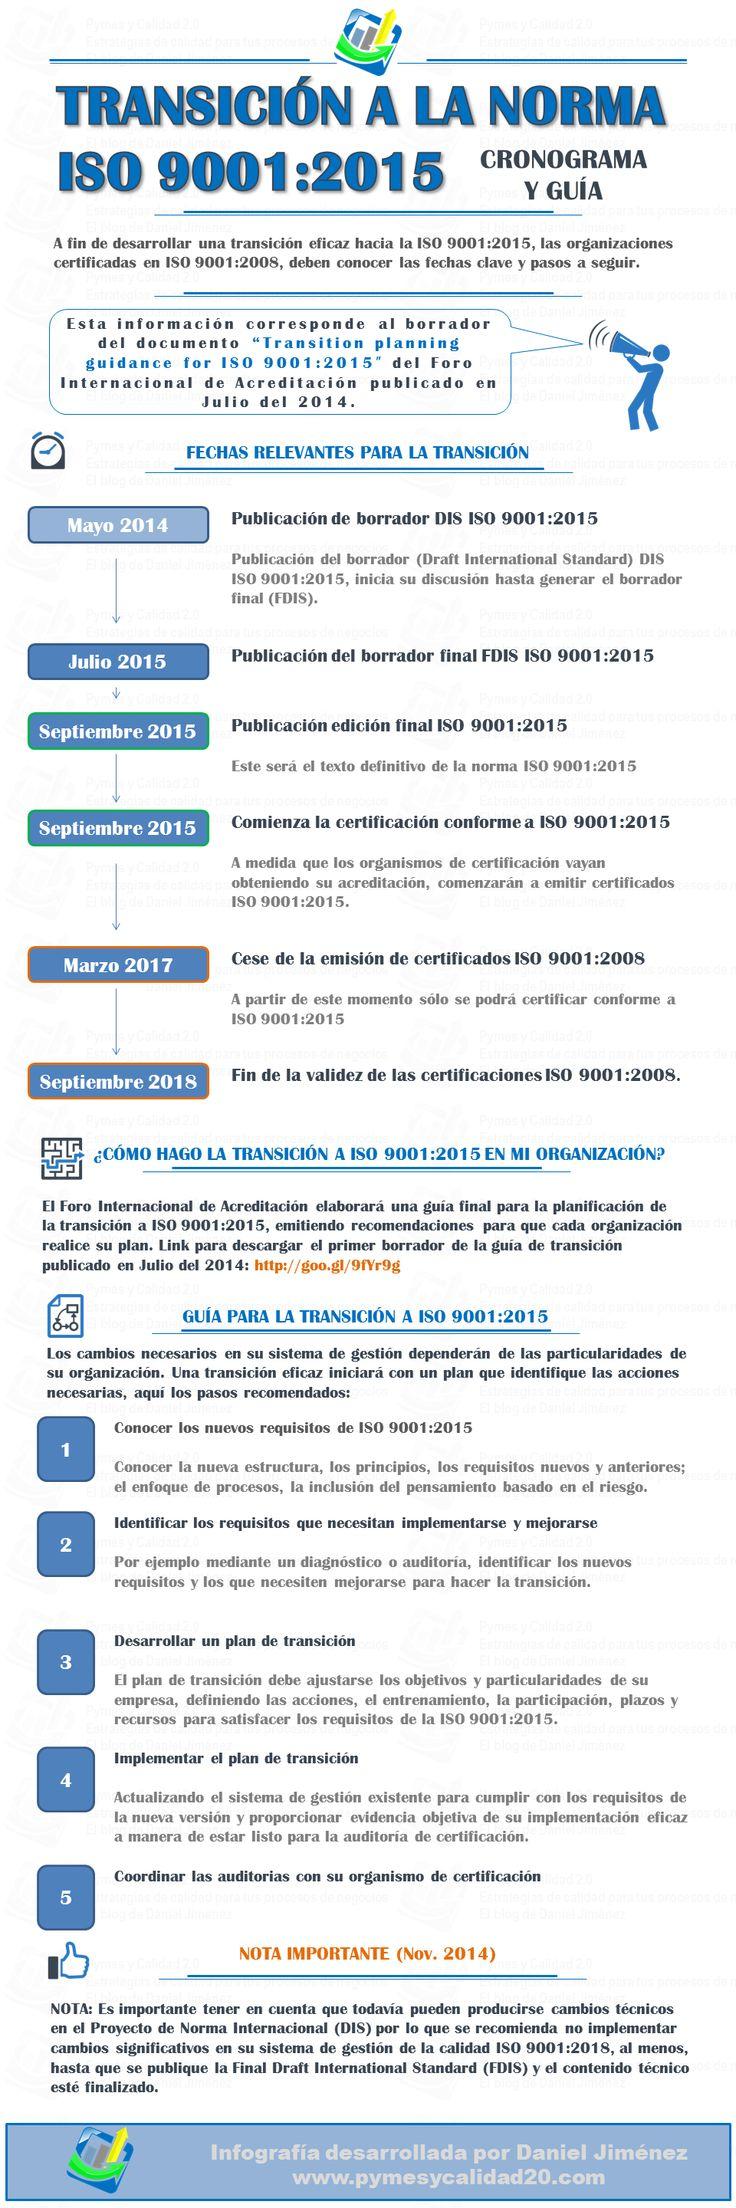 Infografía: Transición hacia la norma ISO 9001:2015, fechas clave y guía básica para transitar.